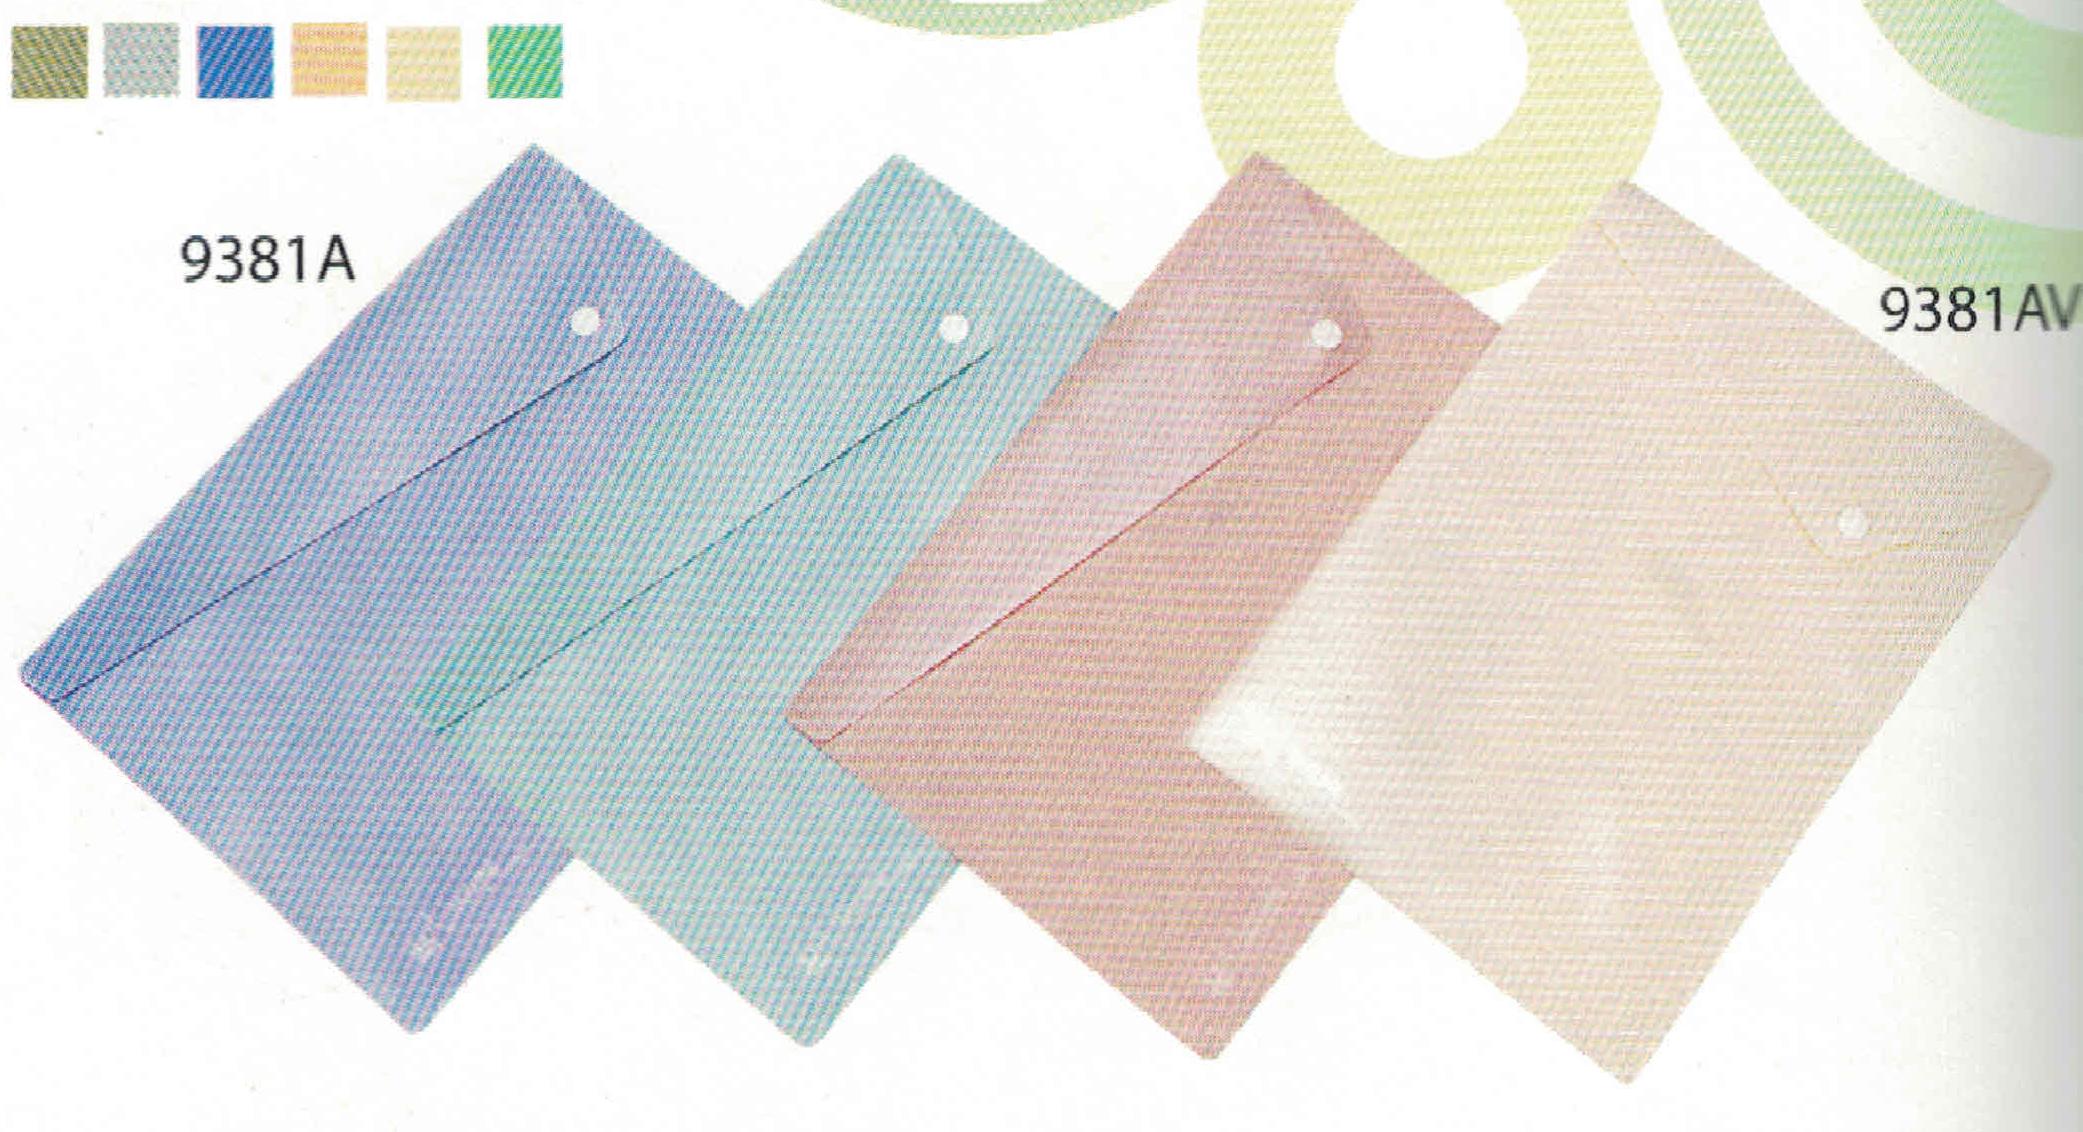 แฟ้มซองกระดุมพลาสติก FC Flamingo 9381FV